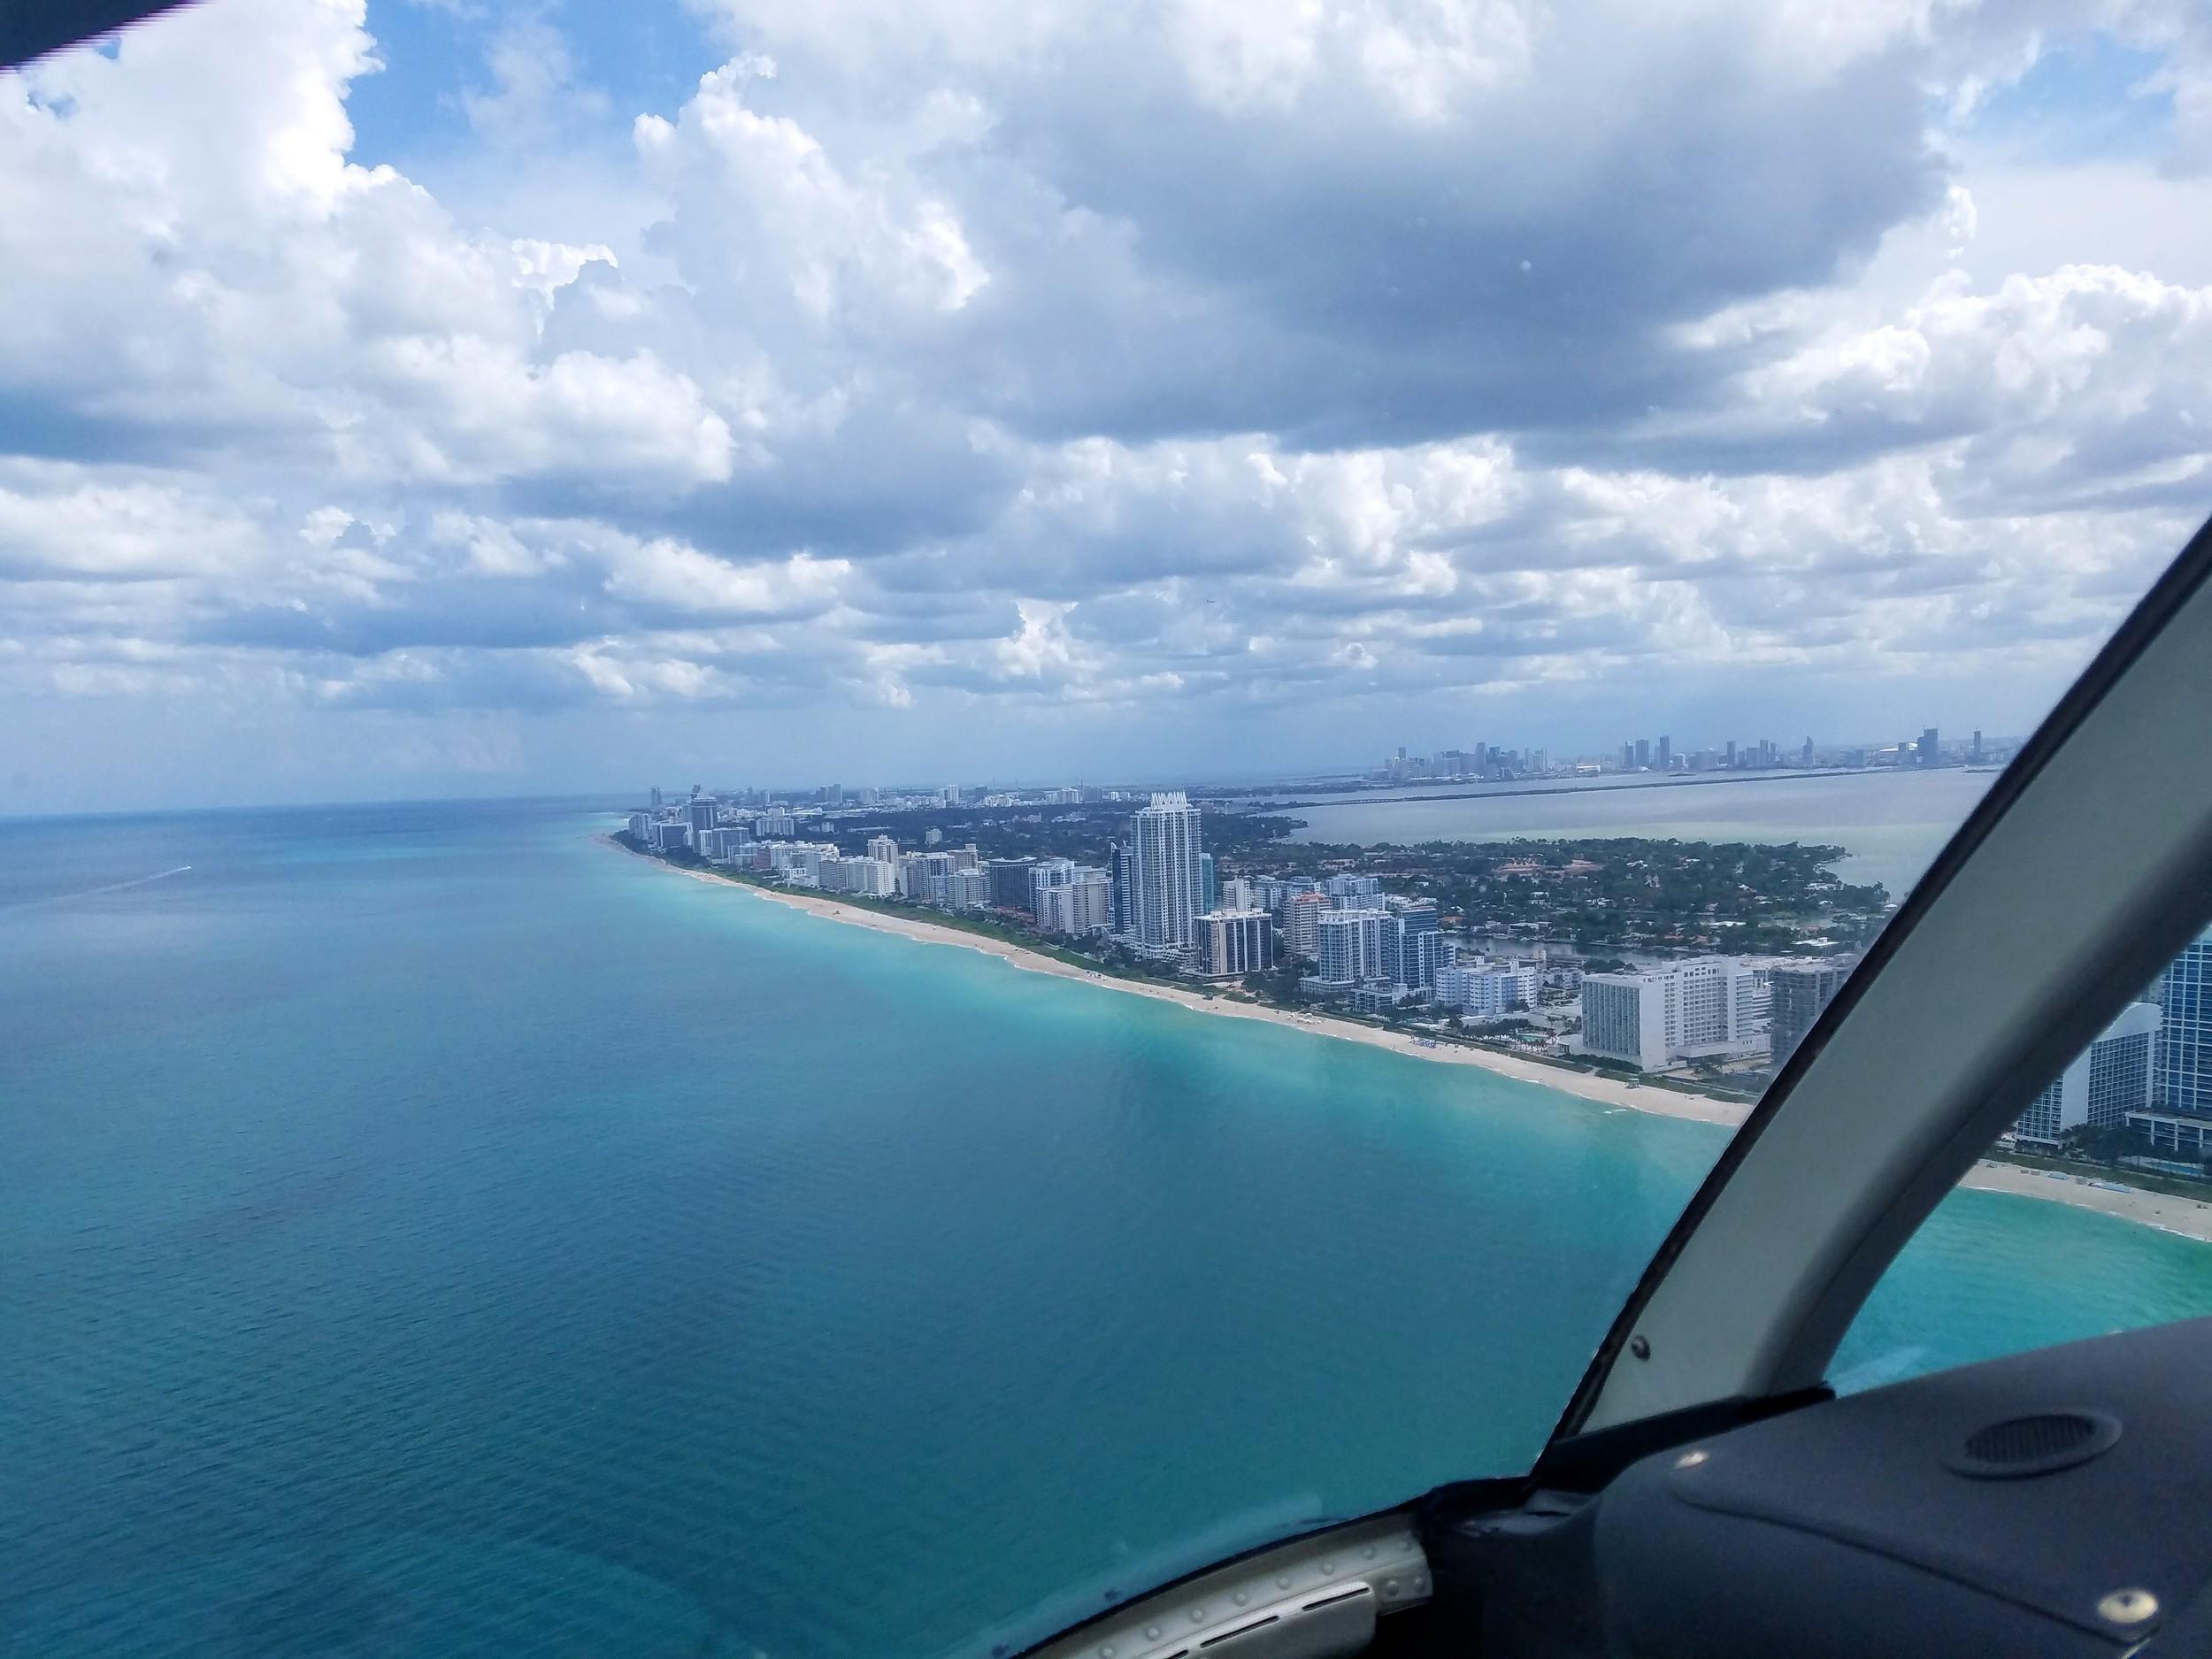 Miami vacation traveler lifestyle helicopter ride tour tourist ocean summer LifeOfArdor